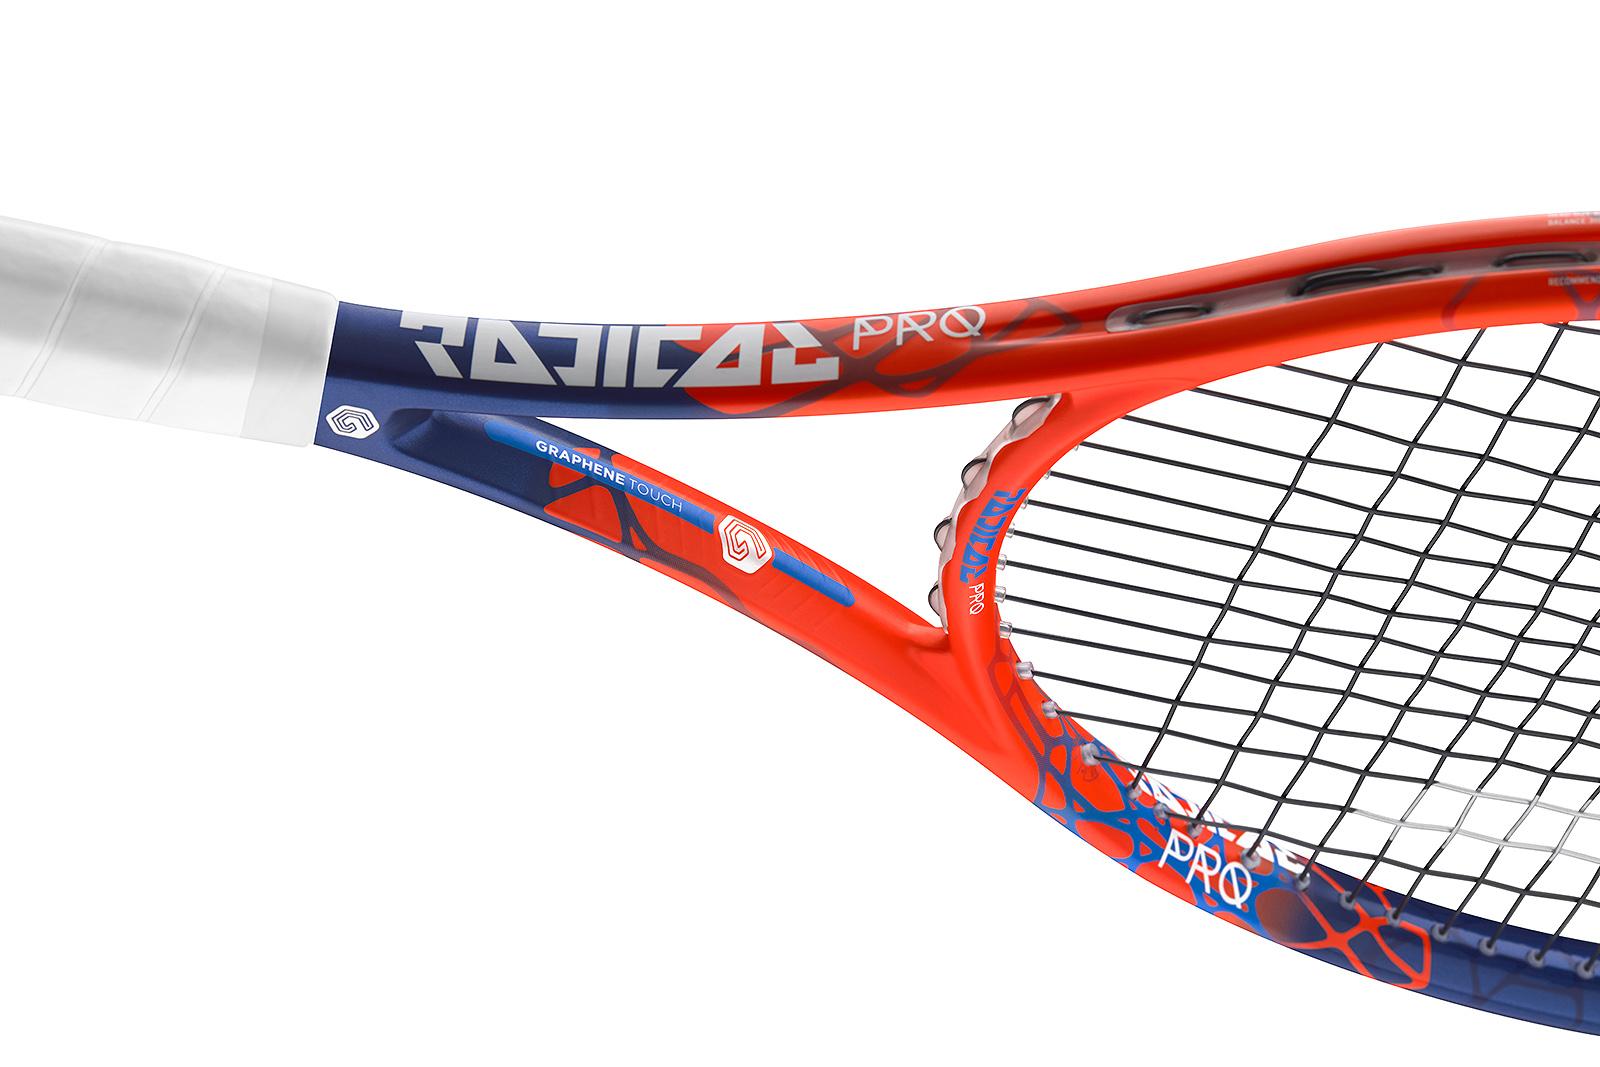 adidas adizero feather 2 tennis review | K&K Sound